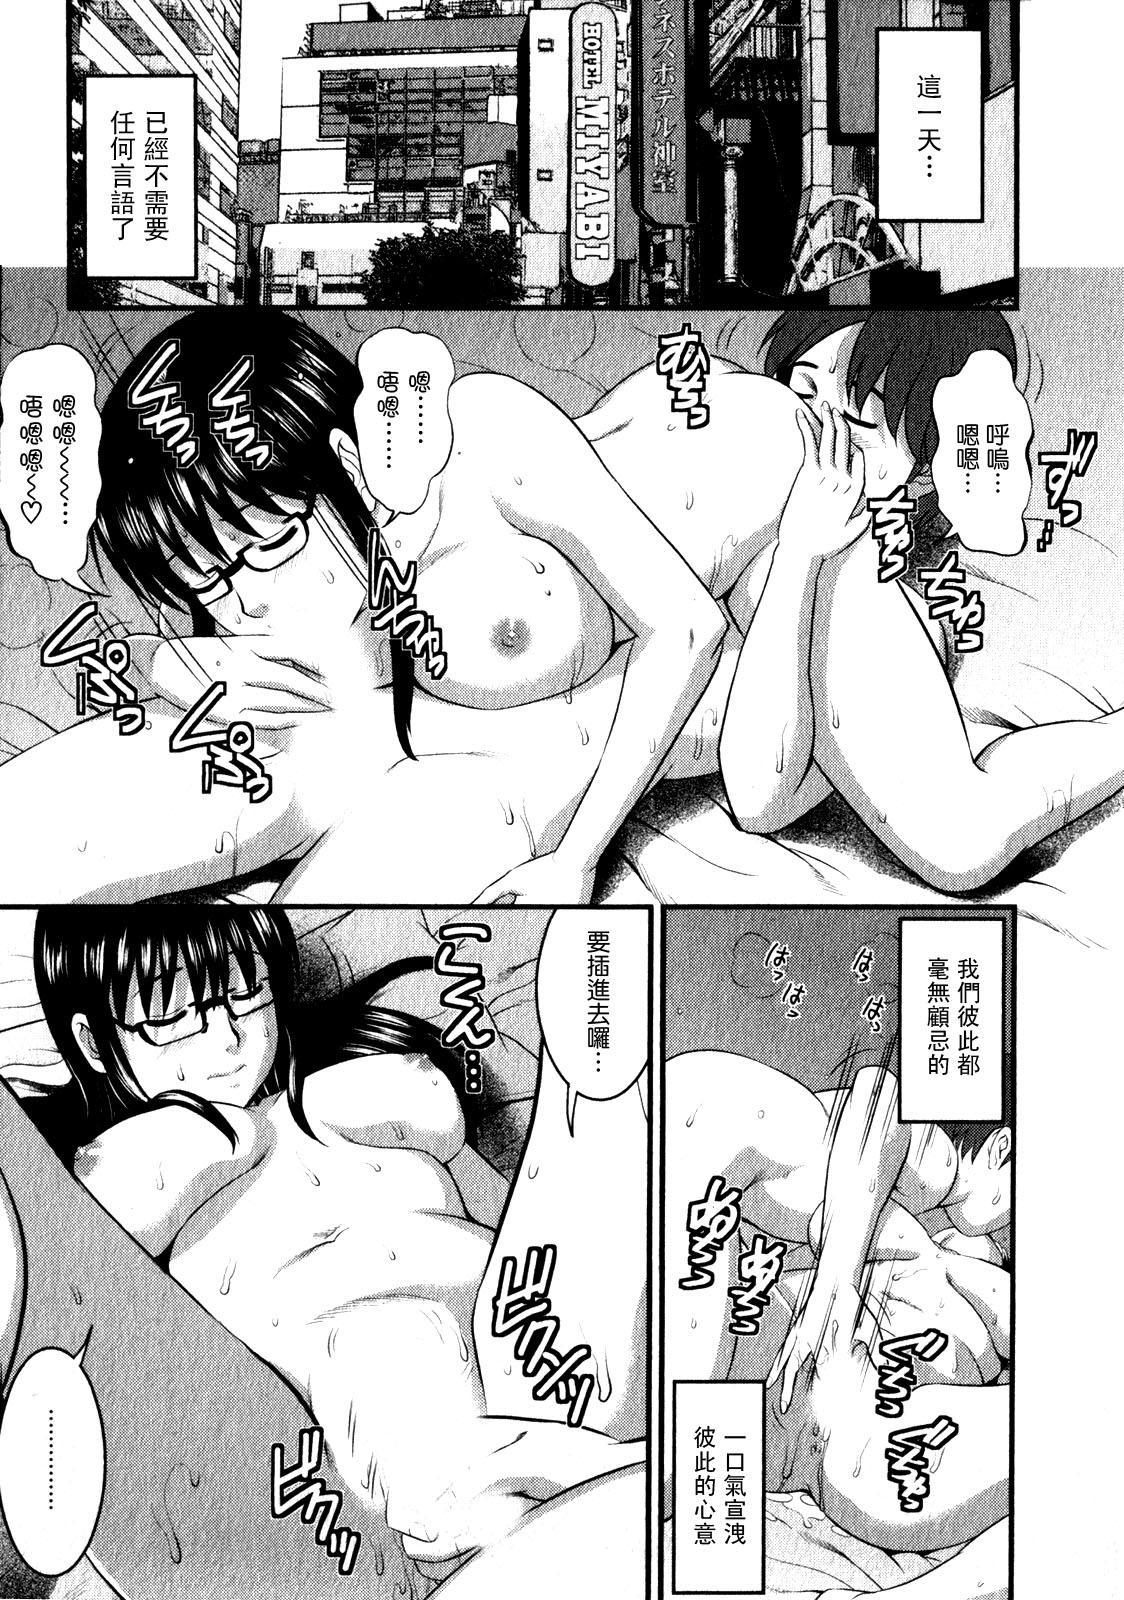 Otaku no Megami-san 1 140